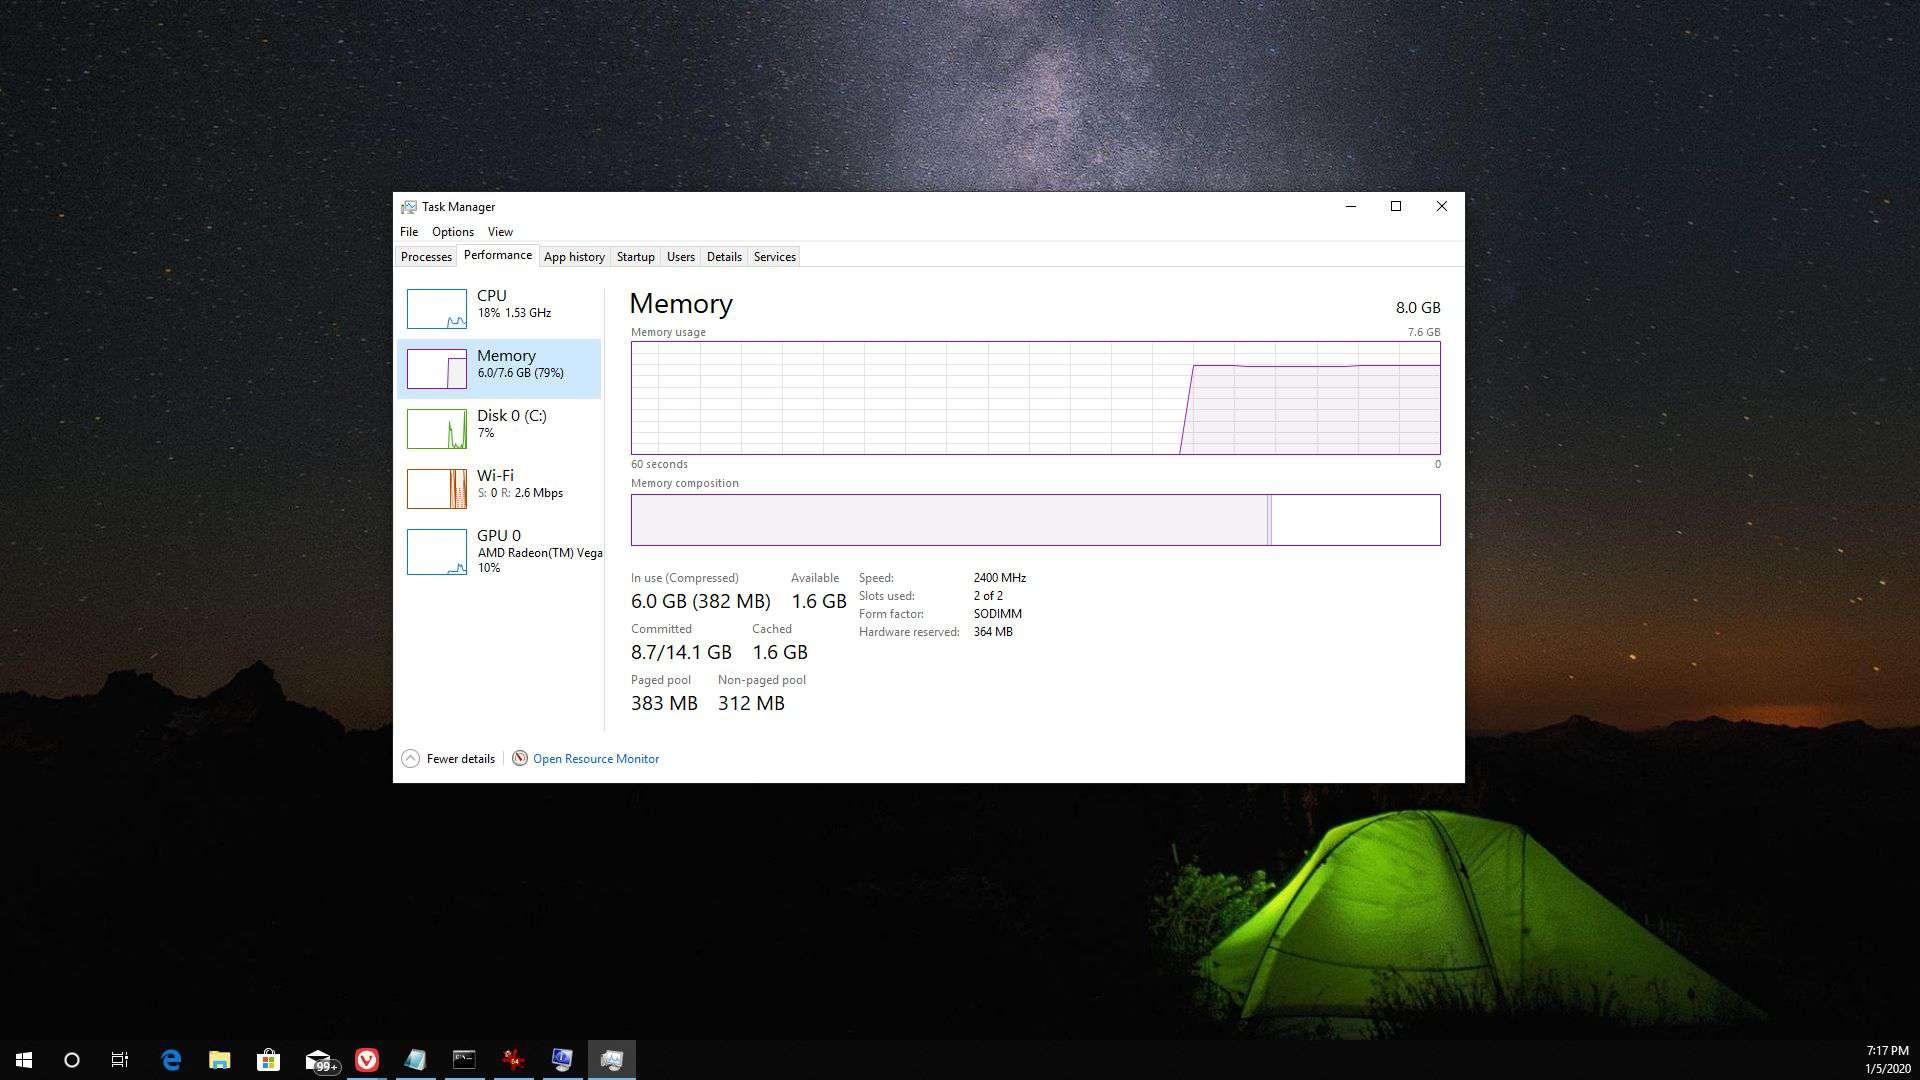 Screenshot of RAM in the Windows 10 taskbar